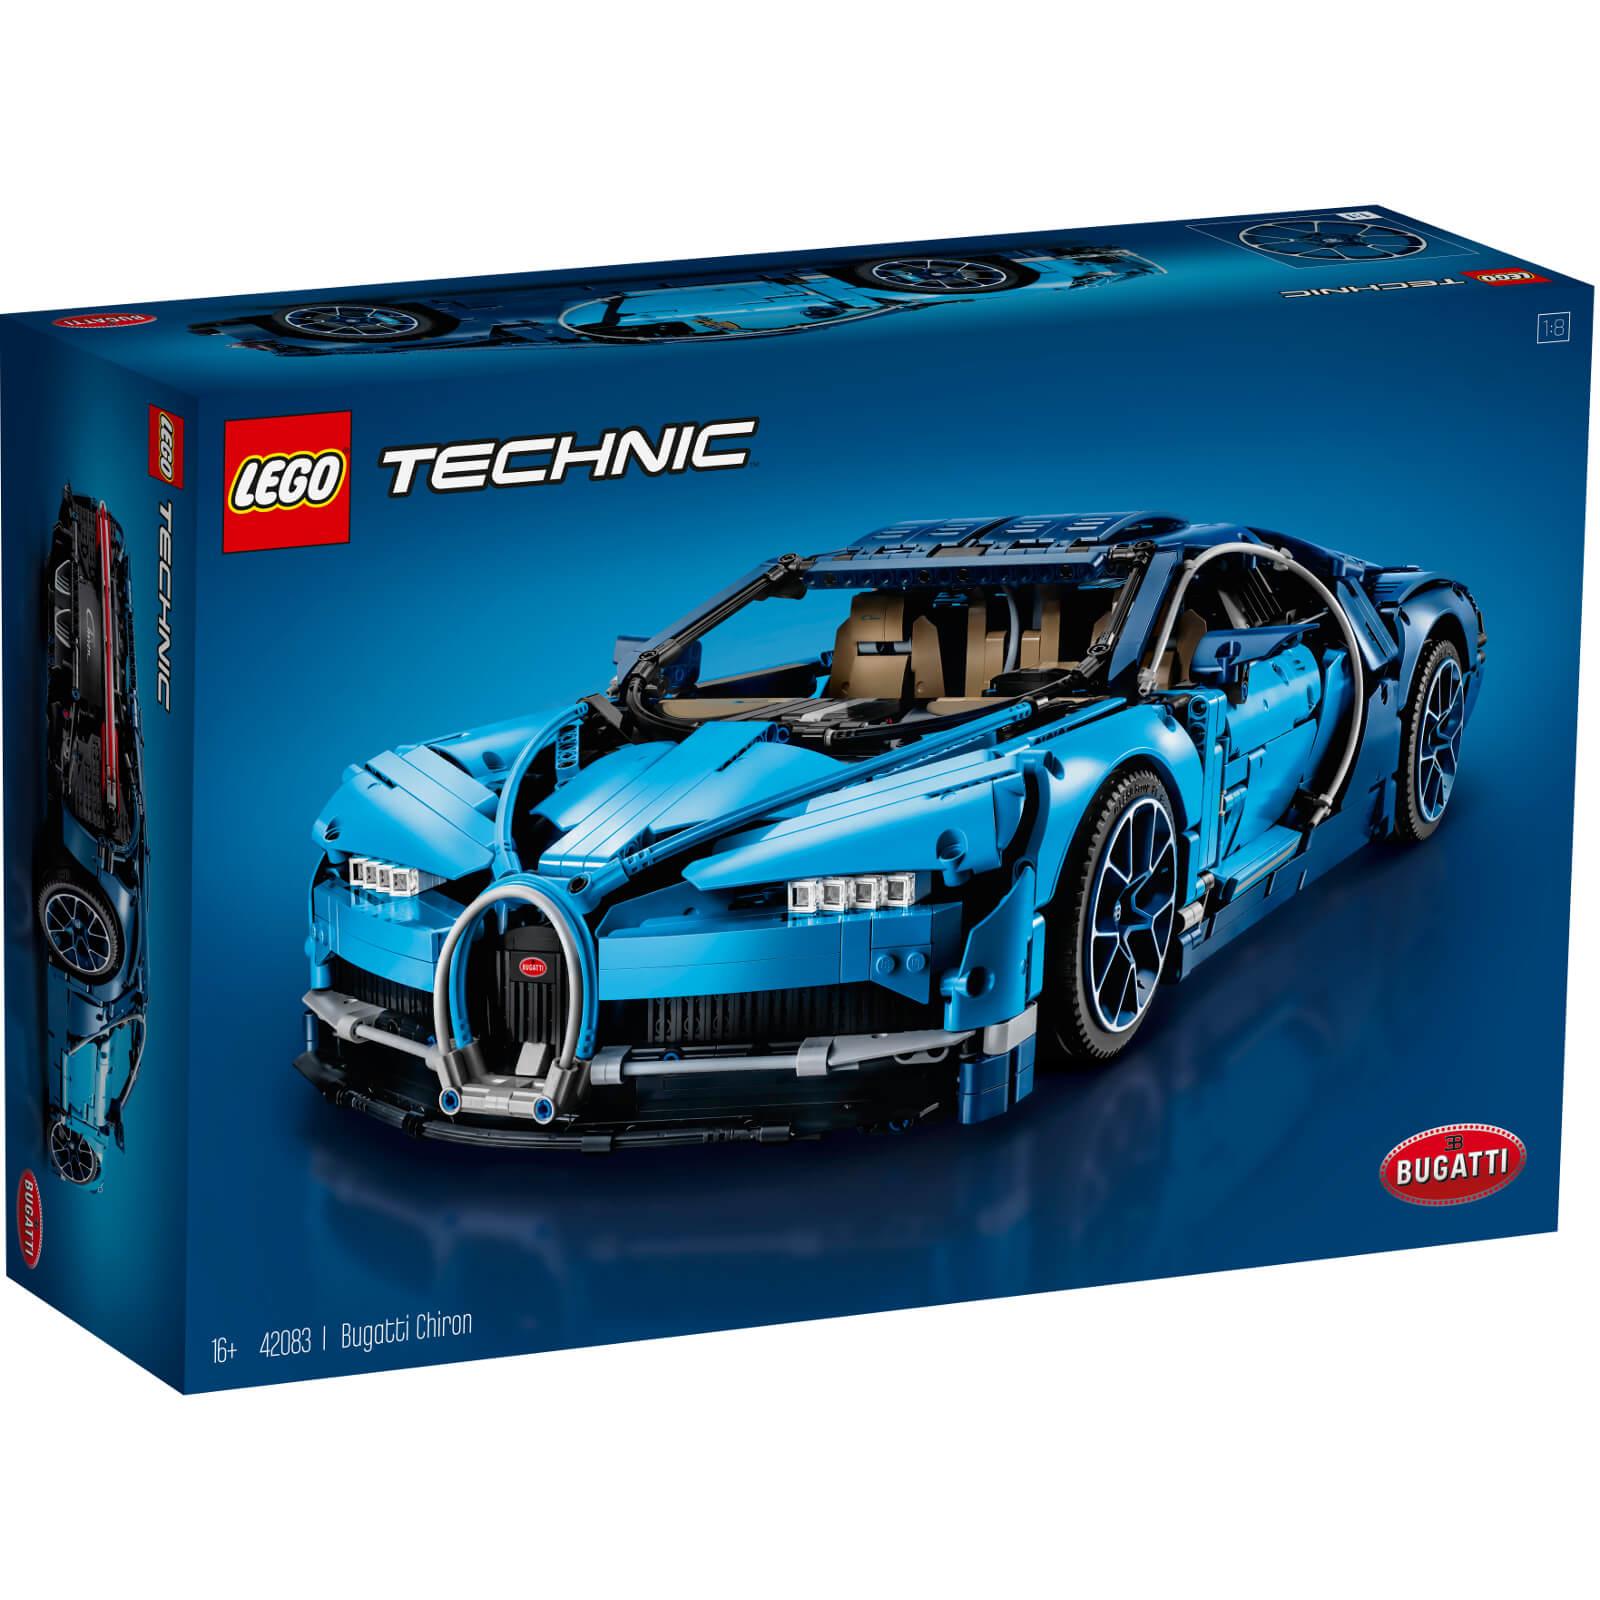 LEGO - 'Technic™ - Bugatti Chiron' building set - 42083 - £231 delivered + 5% quidco @ Debenhams